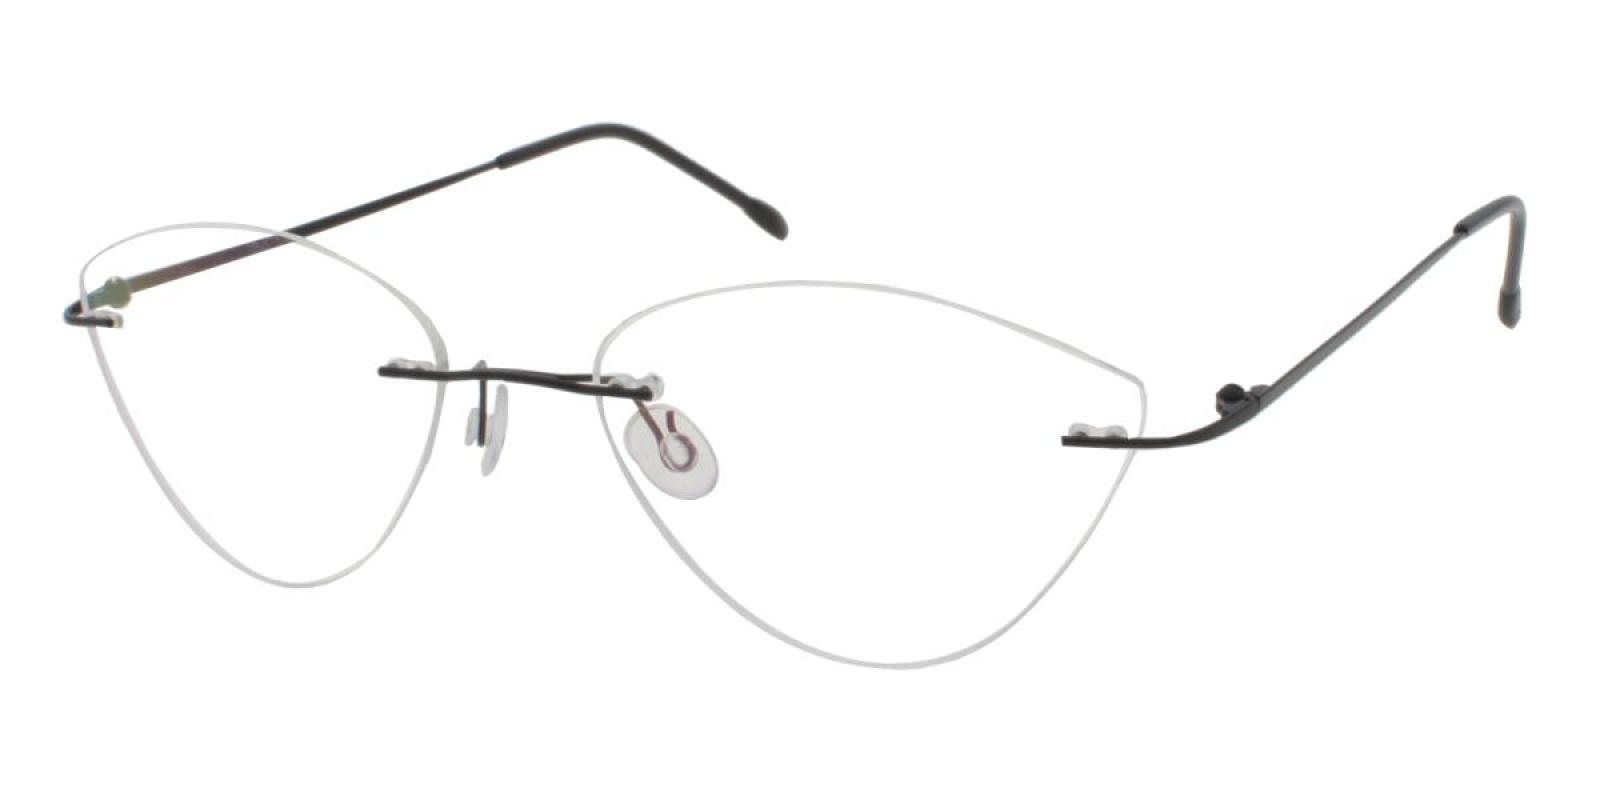 Huram-Black-Cat / Varieties-Metal-Eyeglasses-additional1